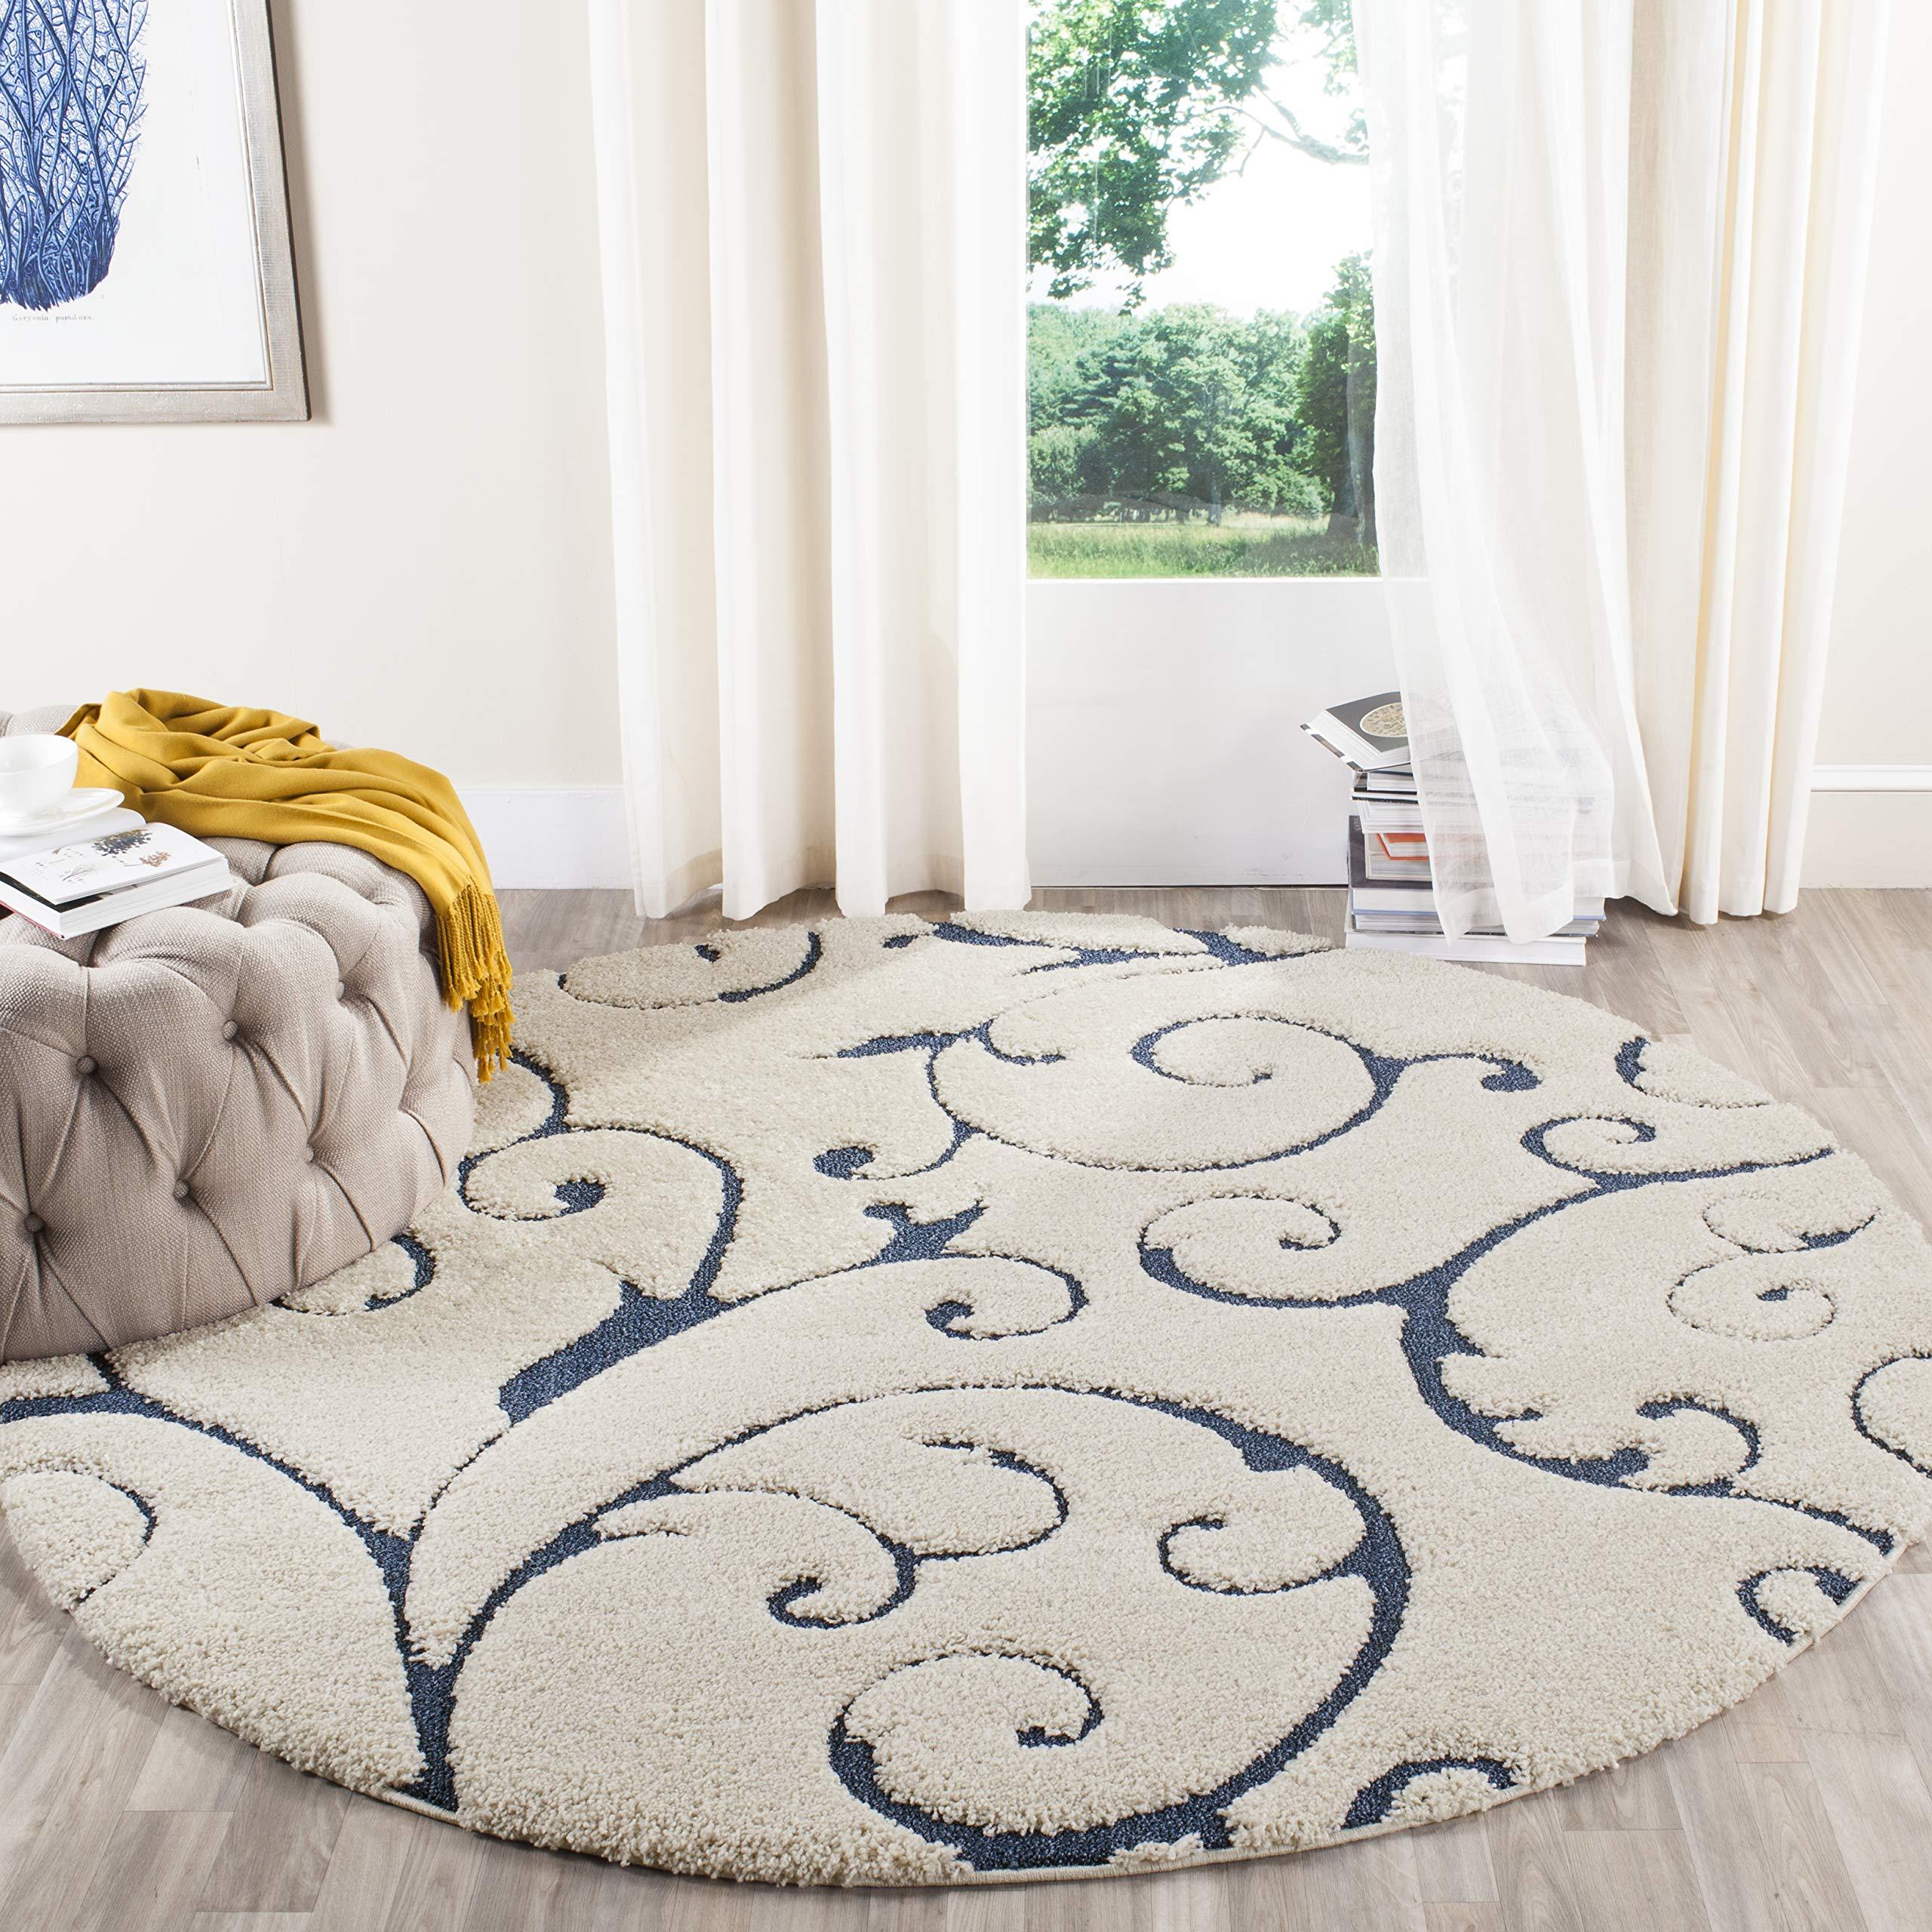 Safavieh SG455-1165-9R Area Rug, 9' Round, Cream/Blue